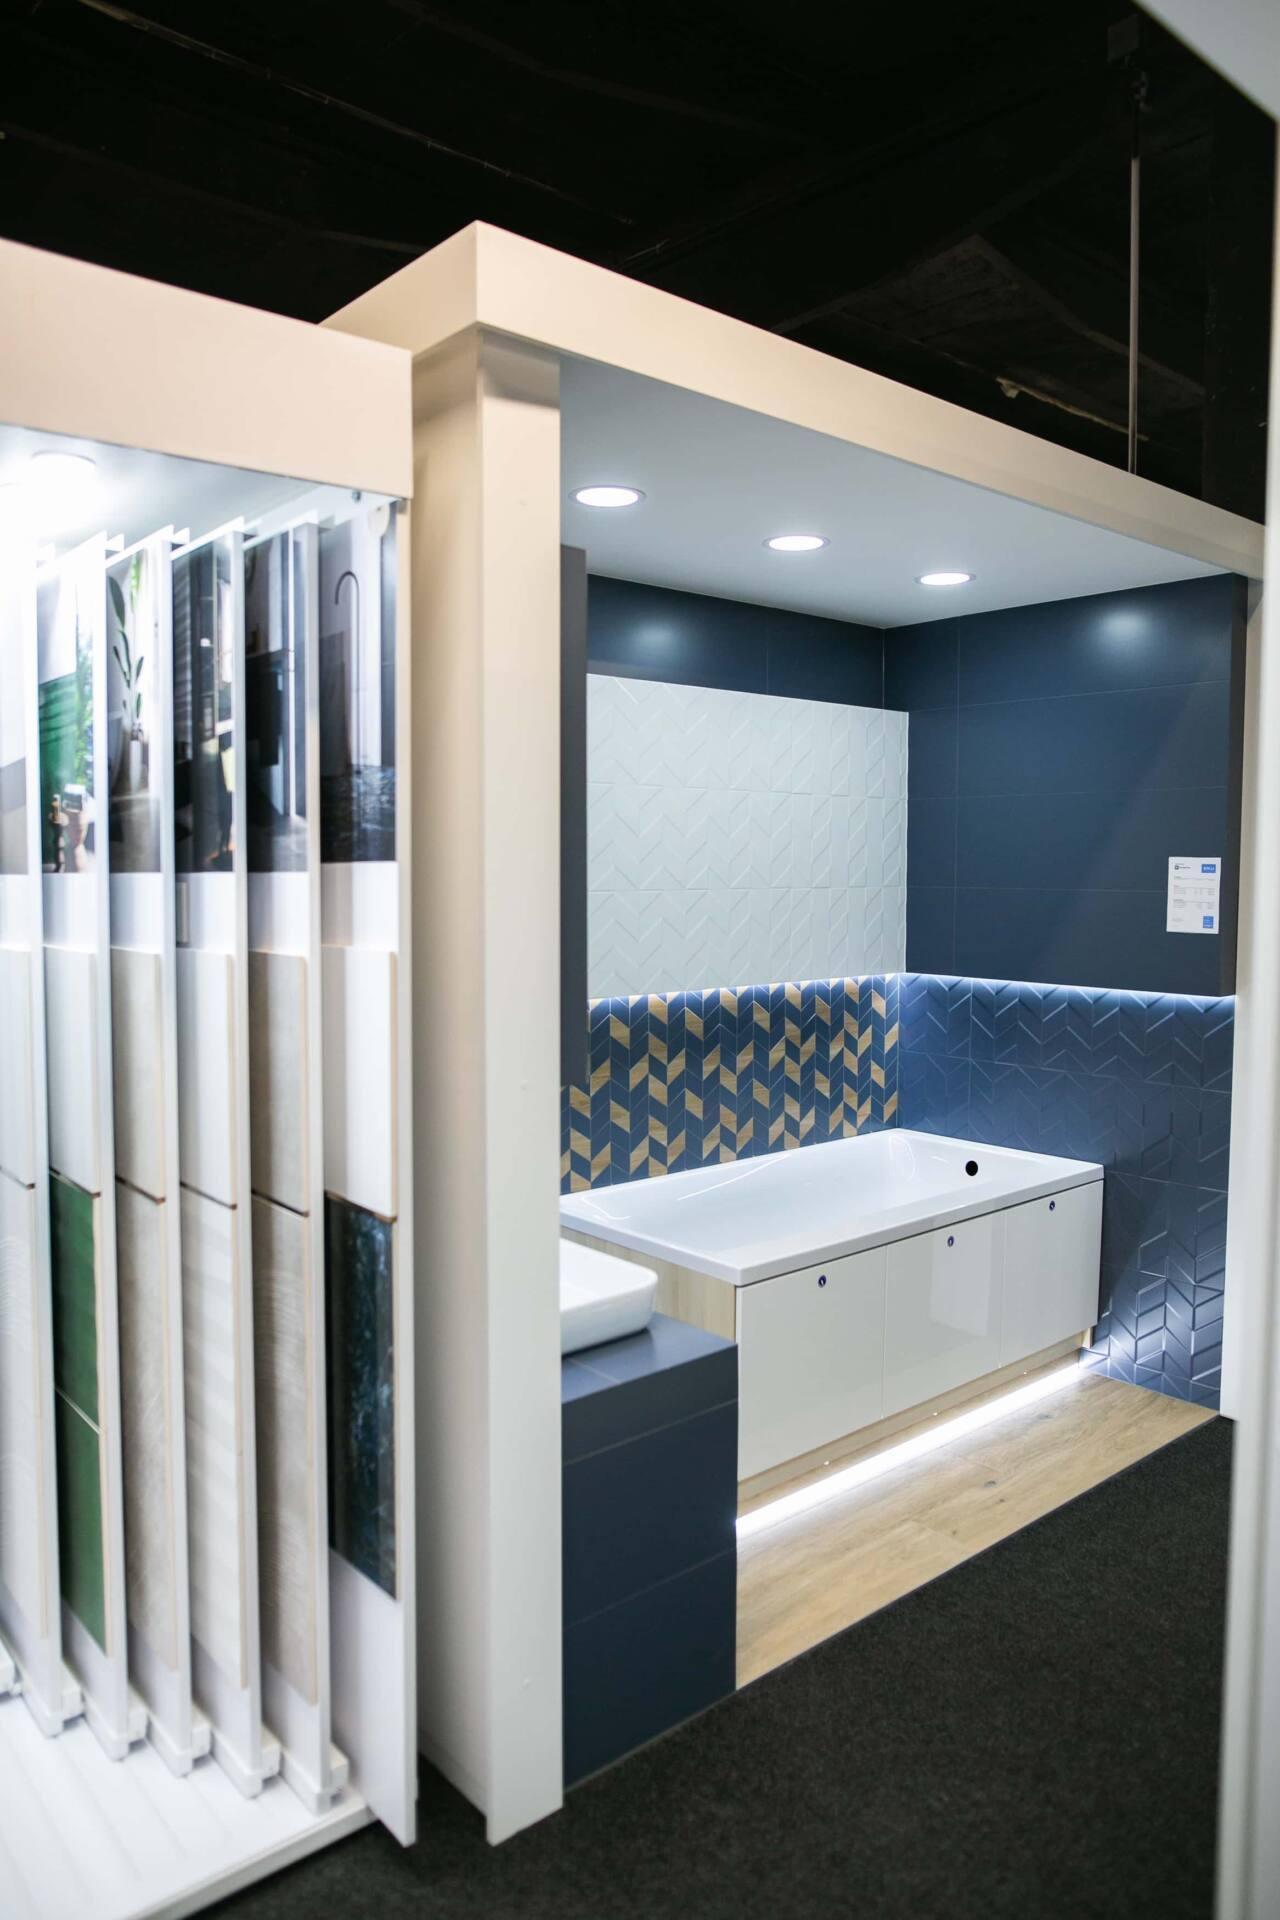 5db 5588 Salon BLU: na ponad 500 m2., 36 łazienkowych aranżacji i bogata ekspozycja wyposażenia (zdjęcia)